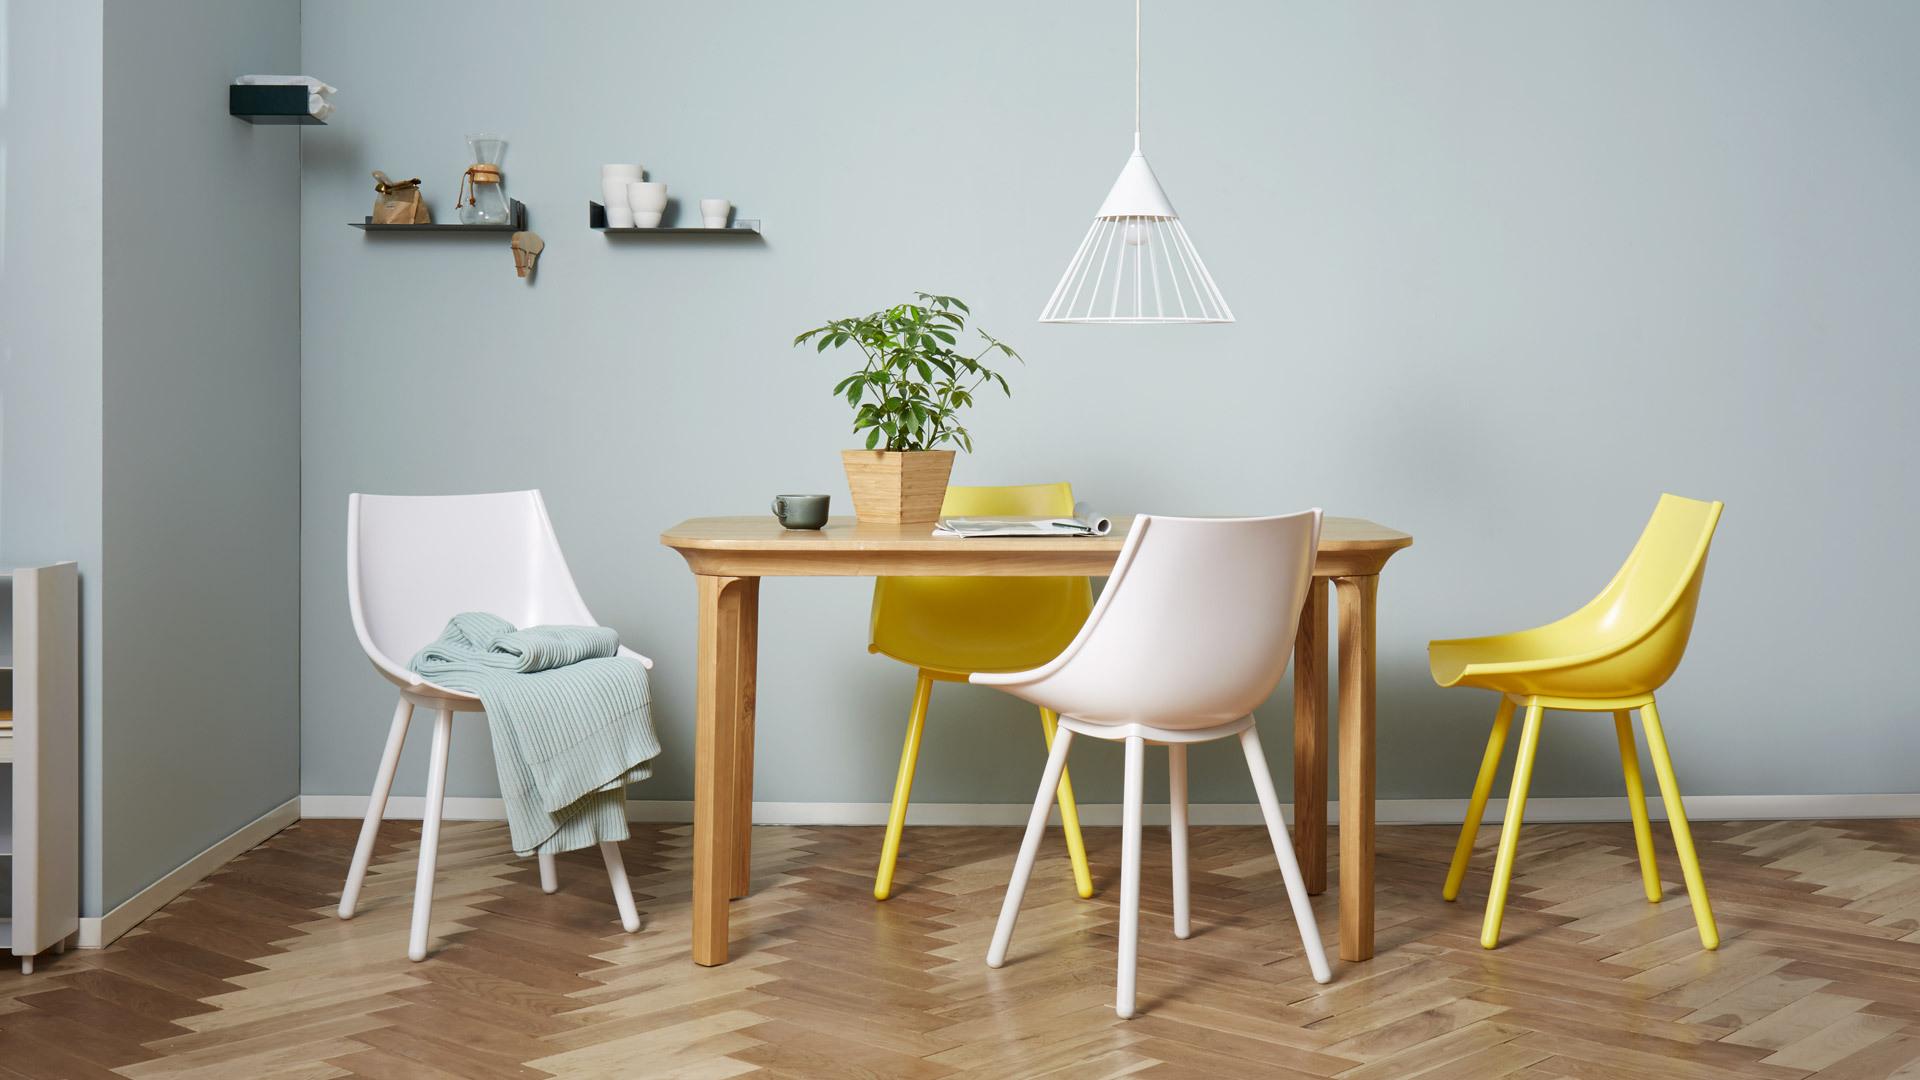 与食为伴,轻快明媚的餐椅